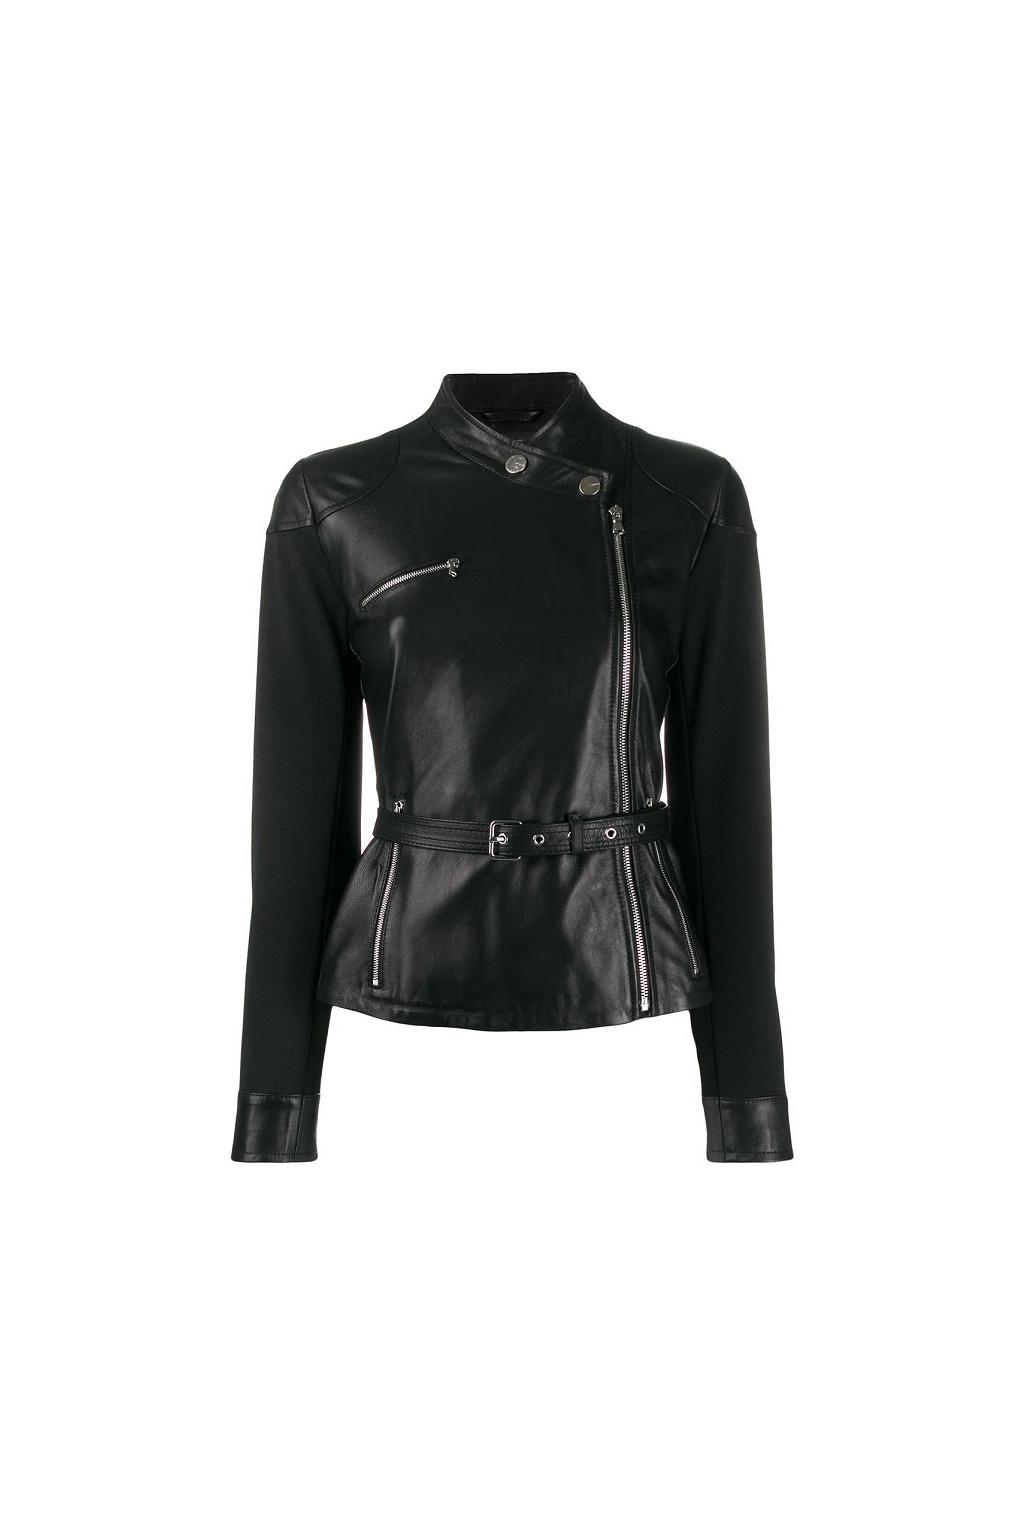 1G14SX Y636 Dámská kožená bunda Pinko Trofie černá